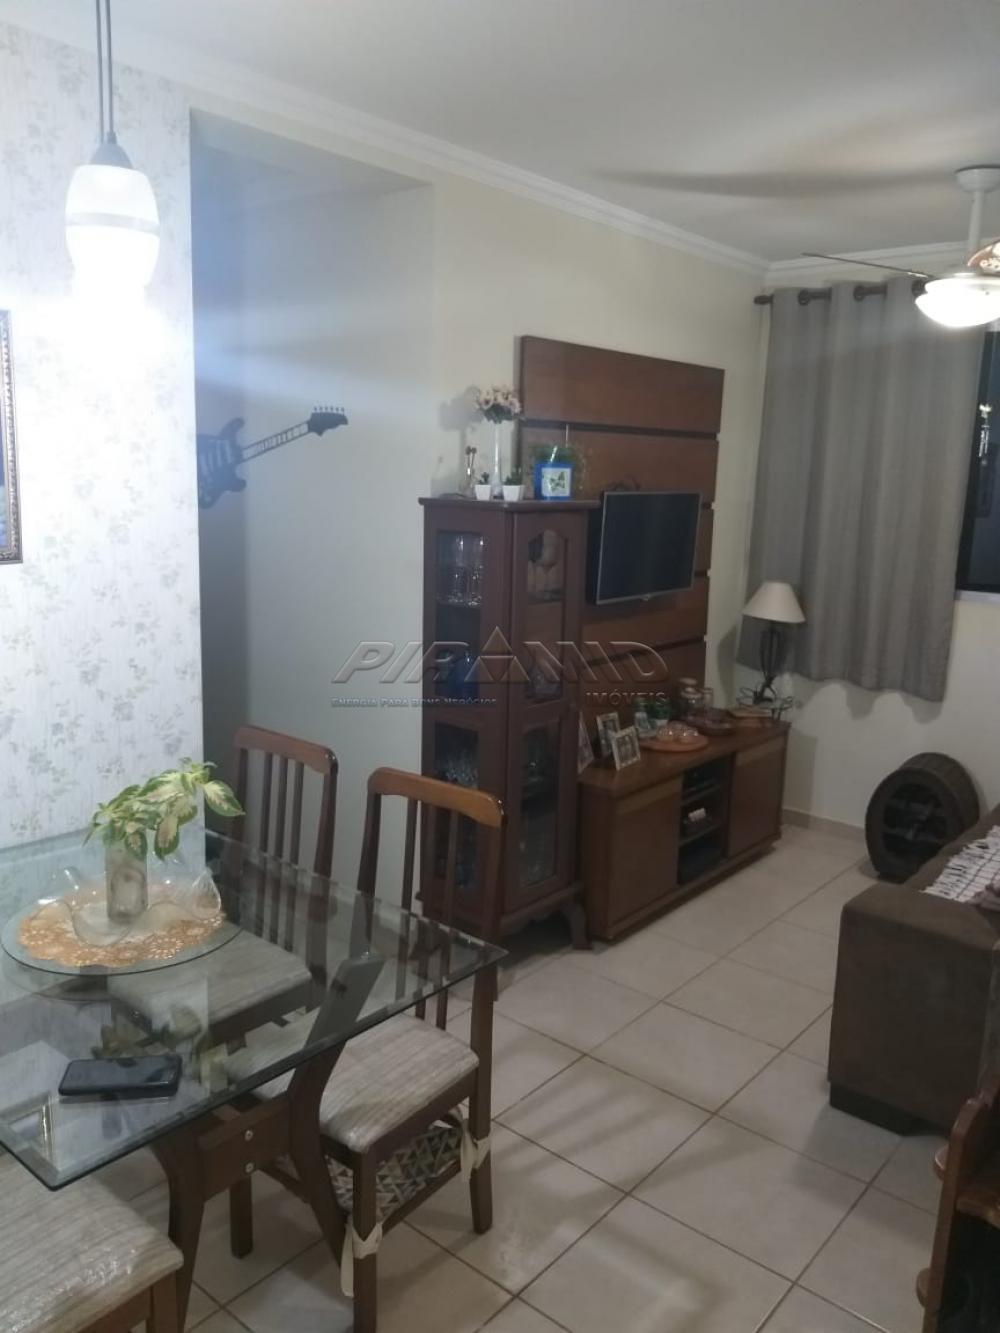 Comprar Apartamento / Padrão em Ribeirão Preto apenas R$ 180.000,00 - Foto 15